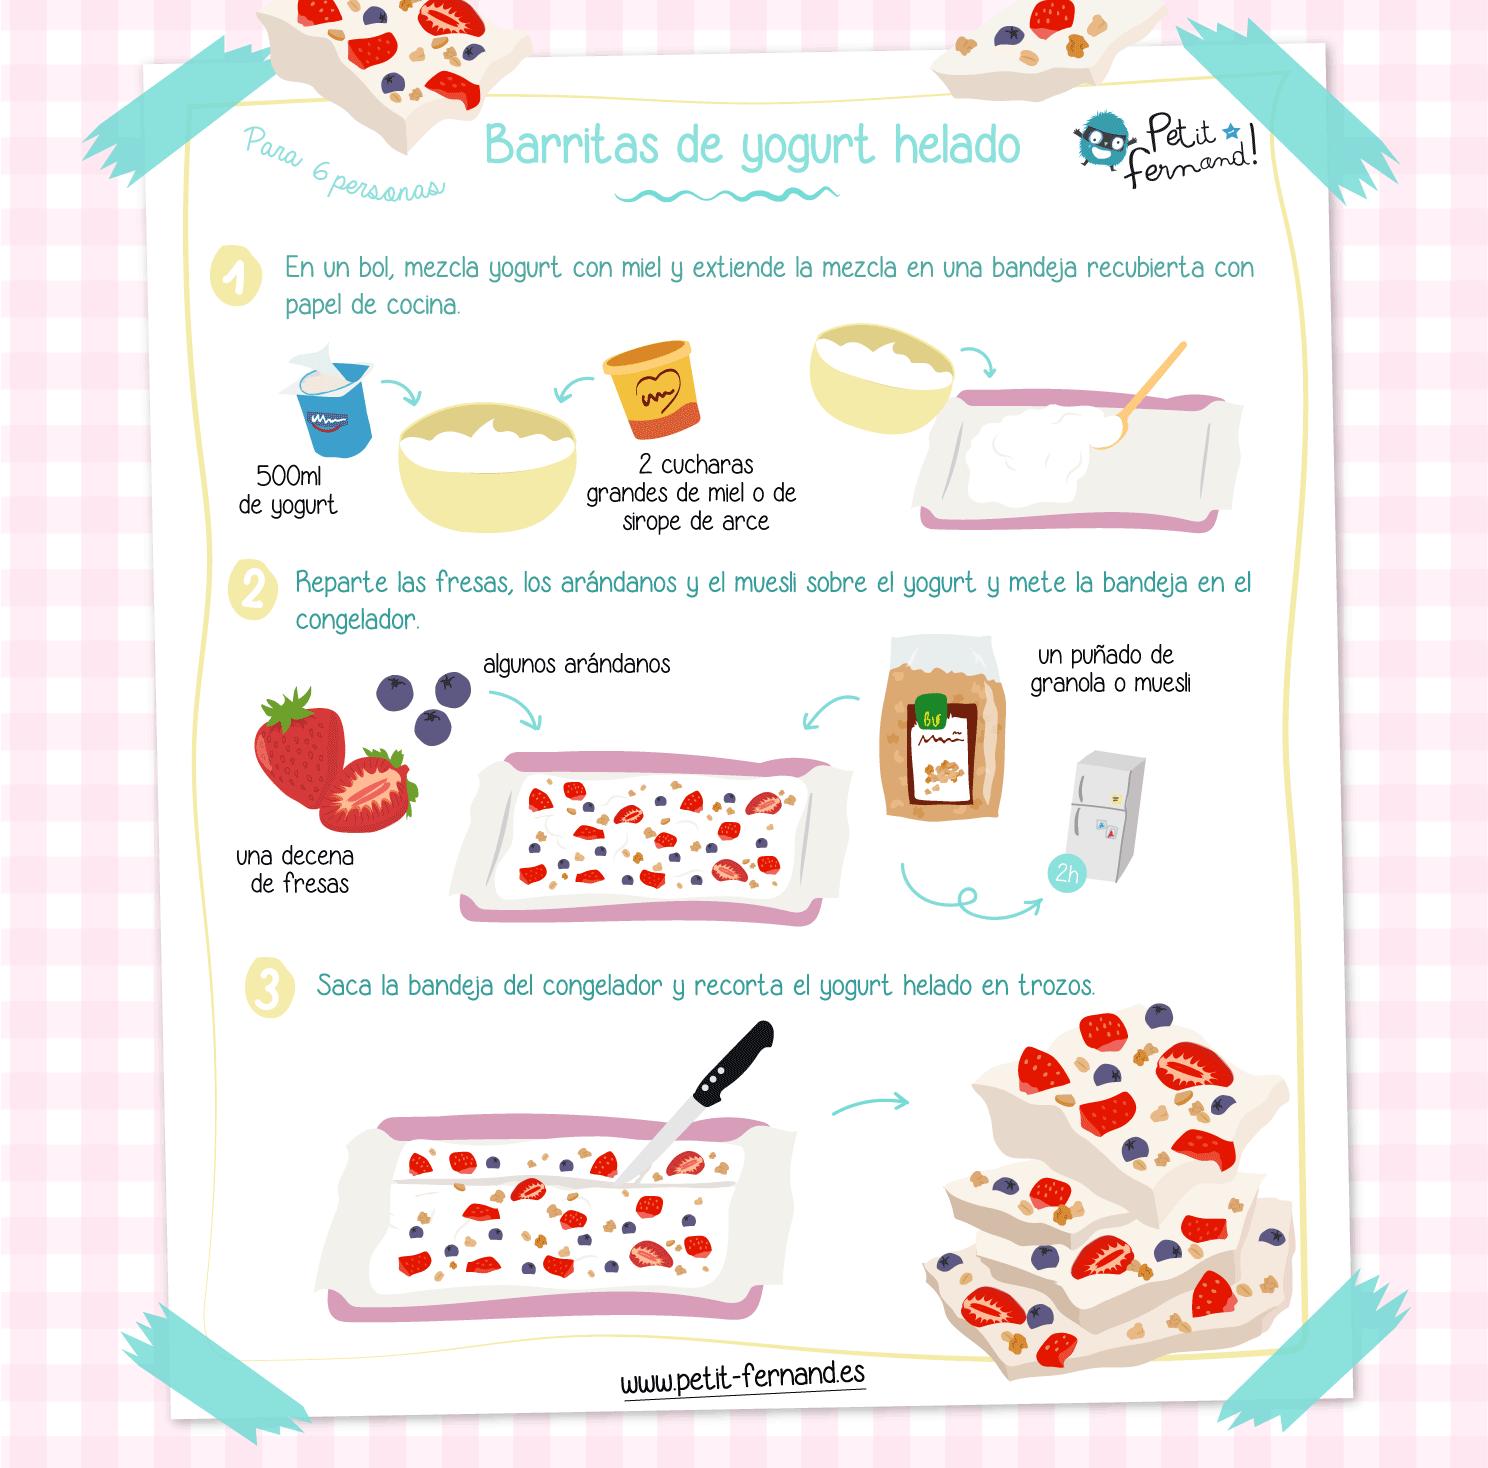 ¡Realiza fácilmente esta receta sana y refrescante!